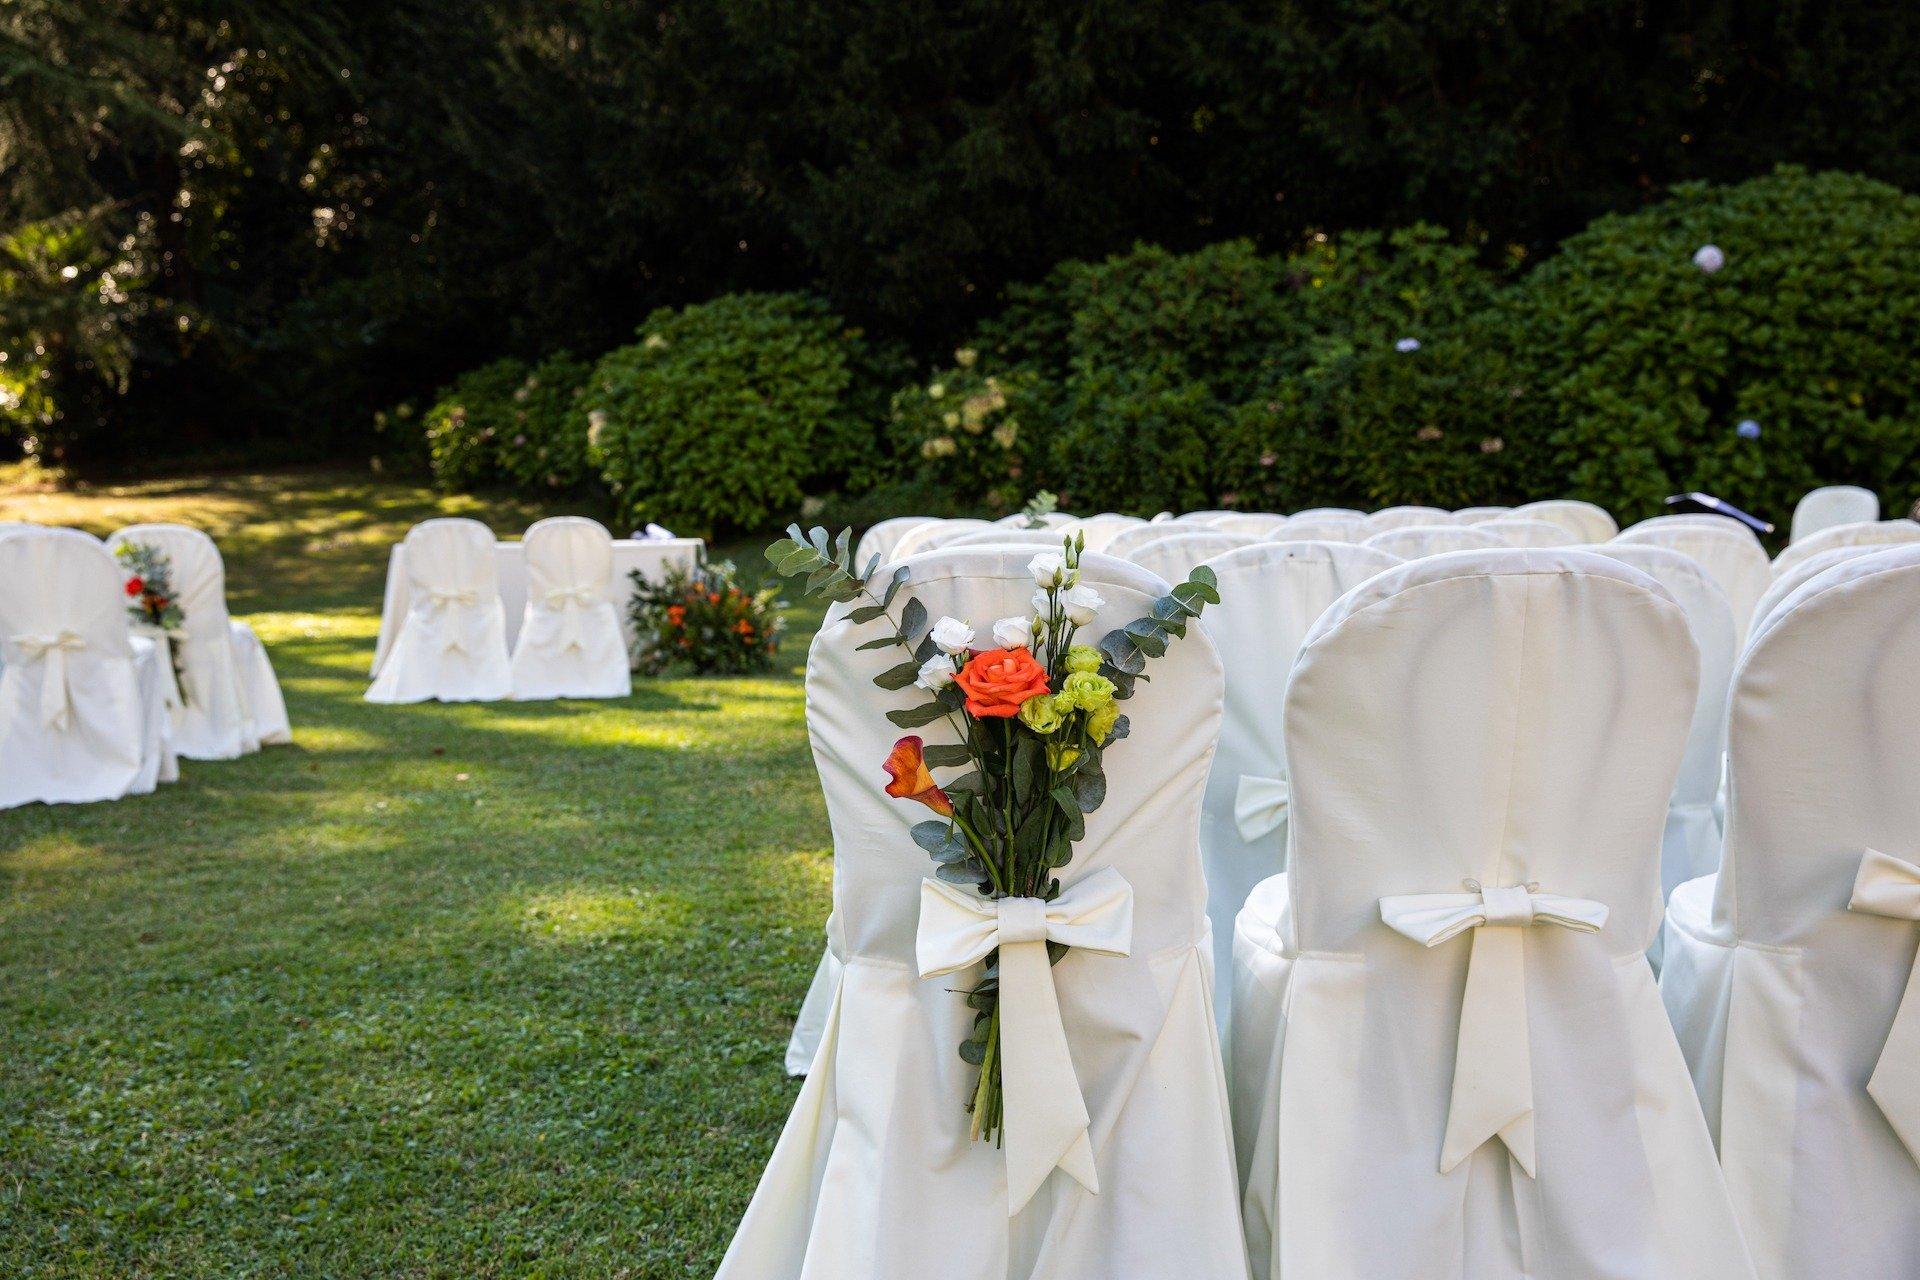 Matrimonio verde e arancione - Antonella Amato Wedding Planner_8